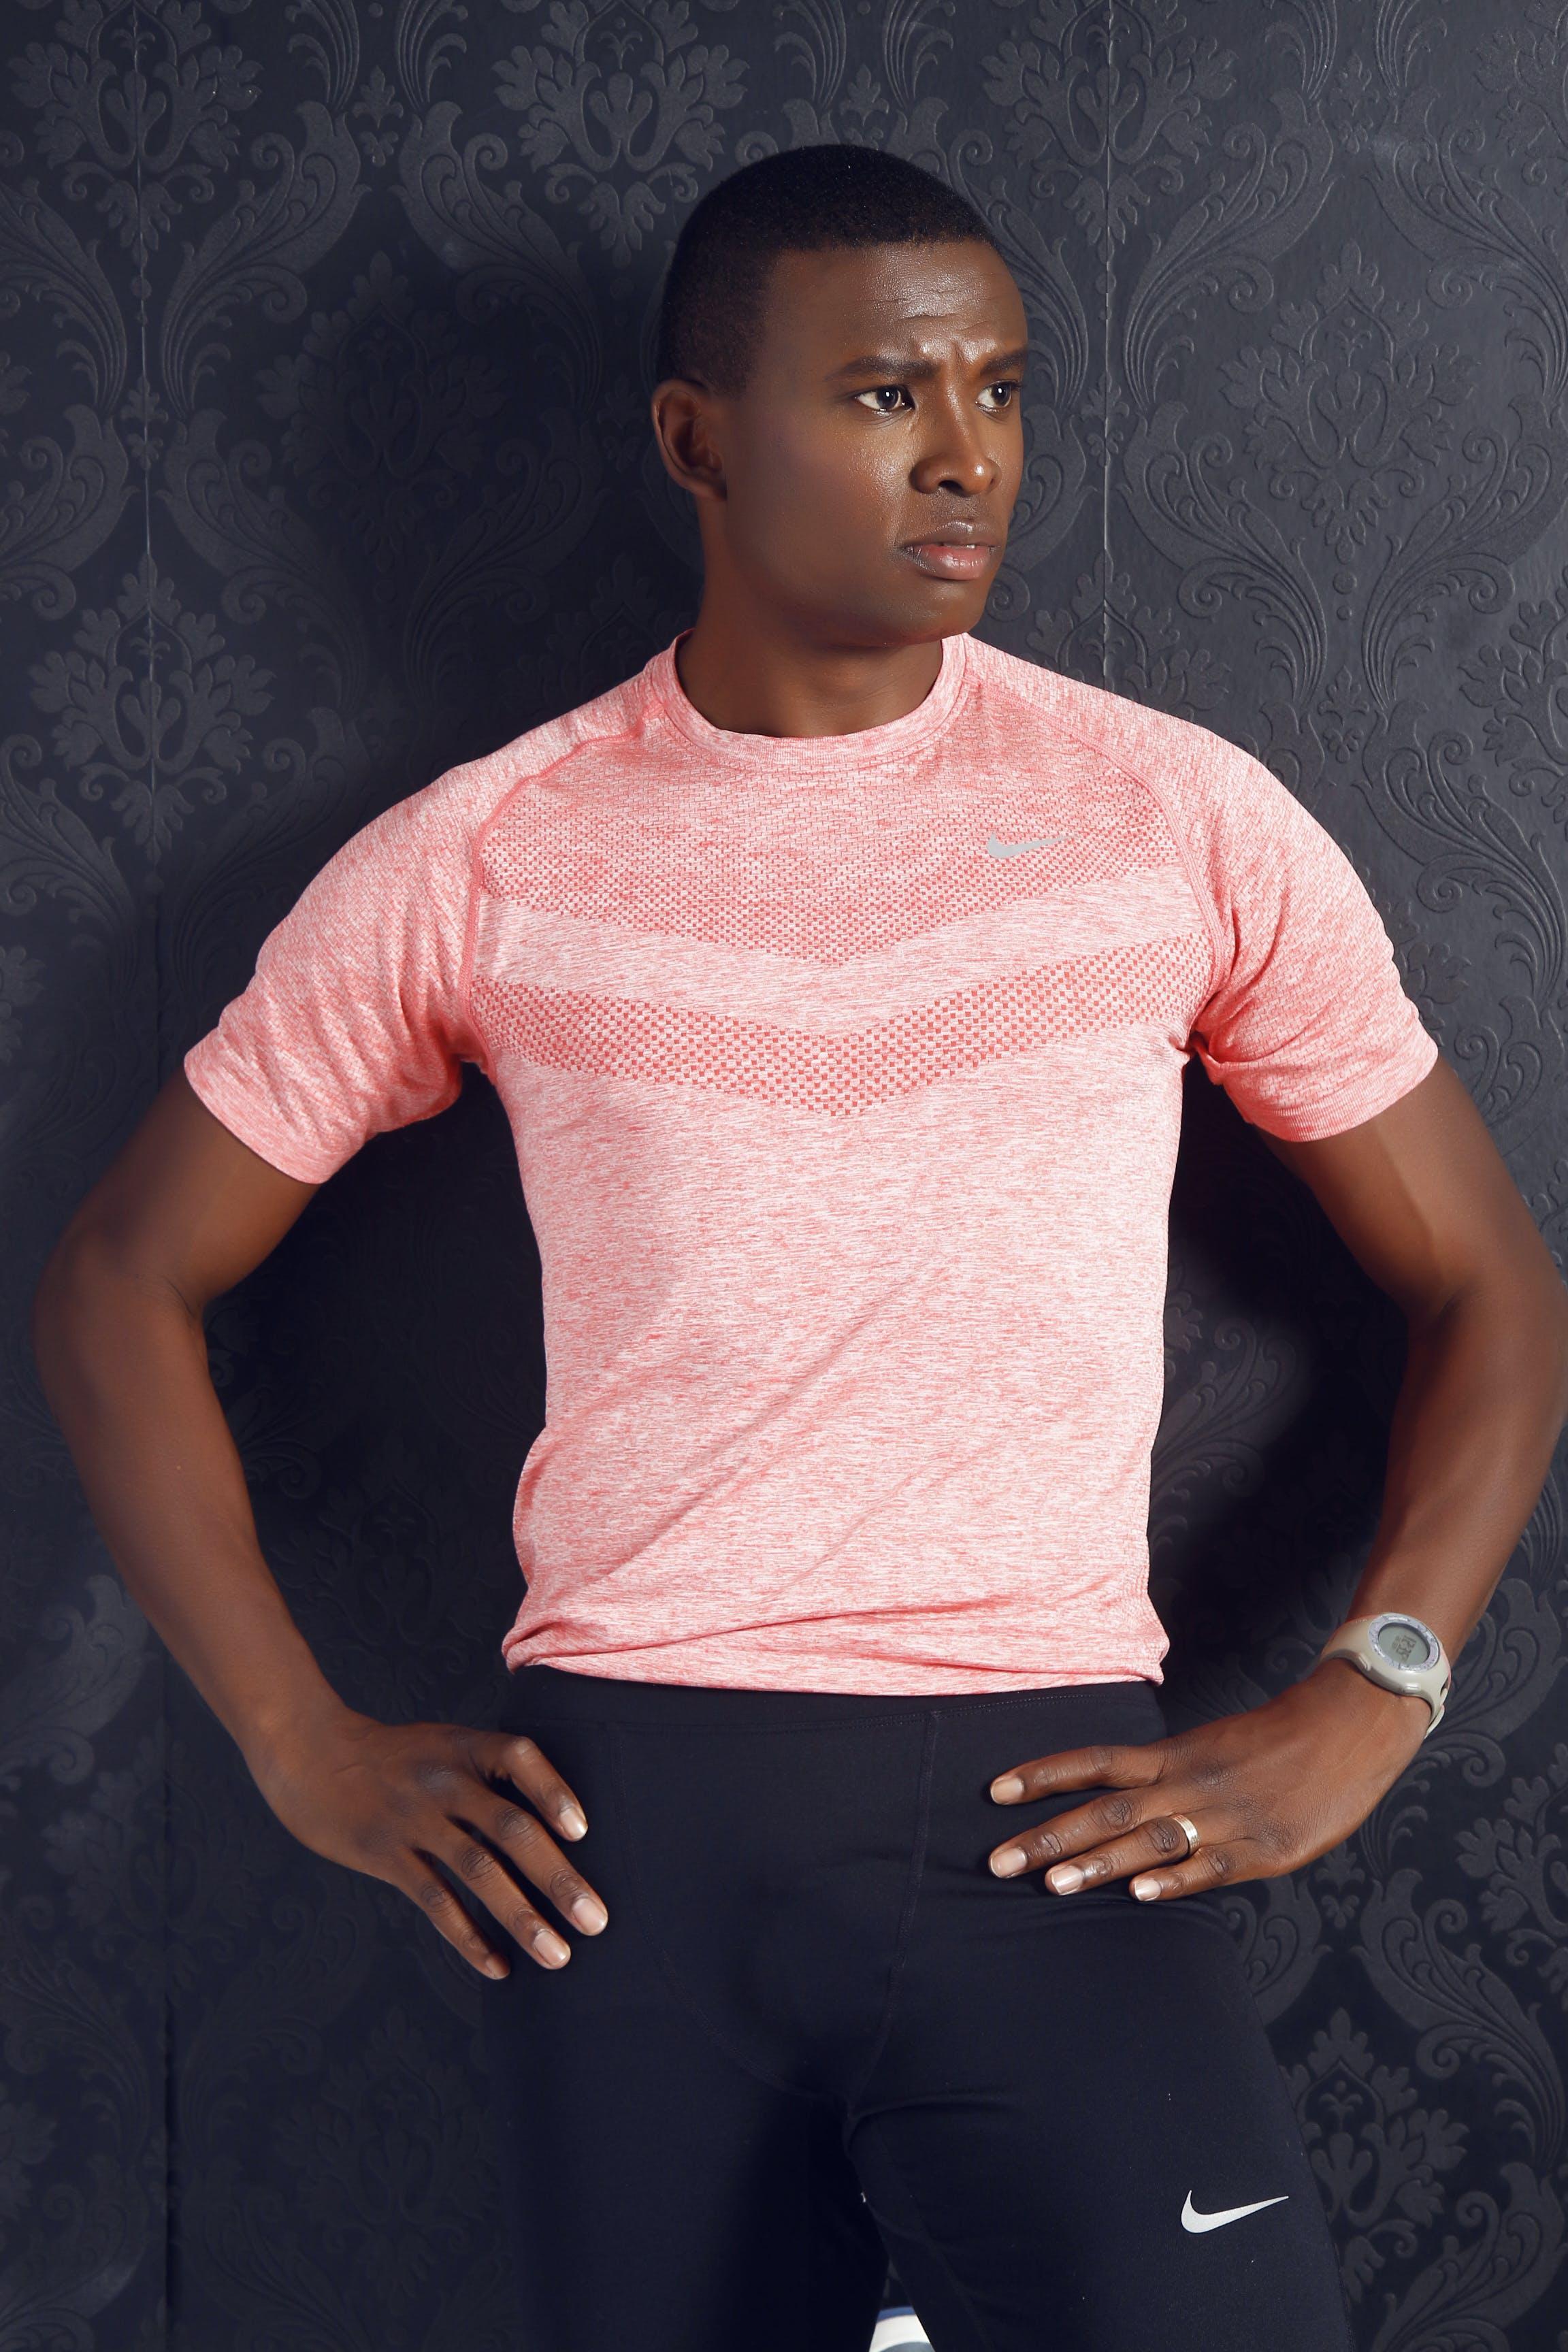 Man Wearing Pink Crewneck Shirt and Black Nike Shorts Standing